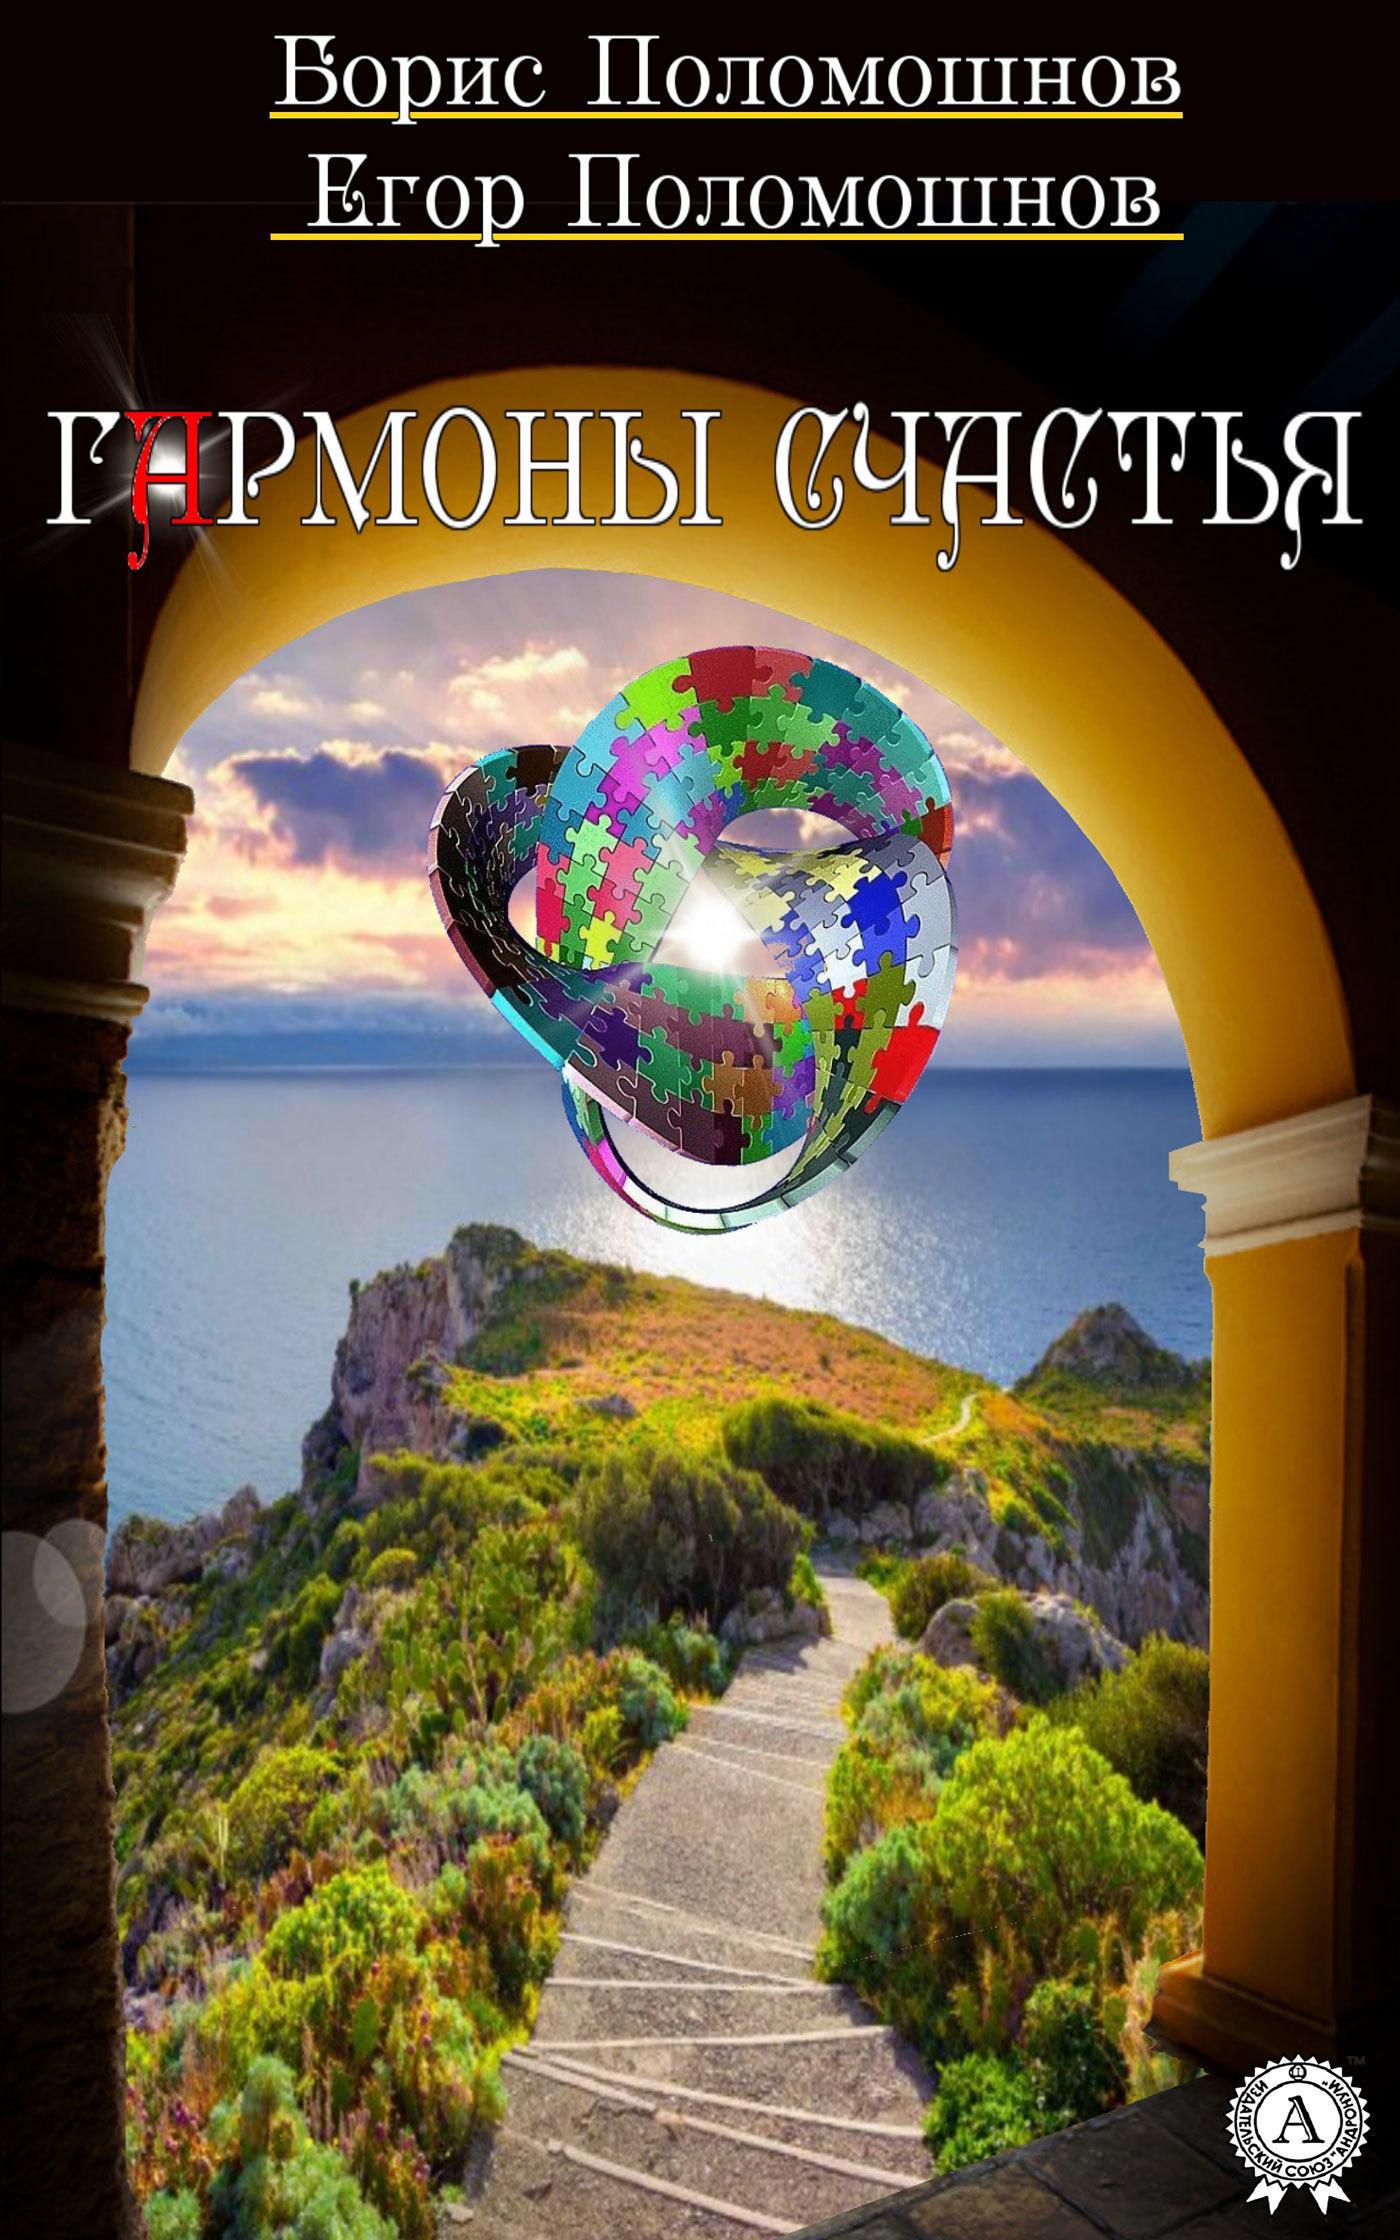 Обложка книги Гармоны счастья